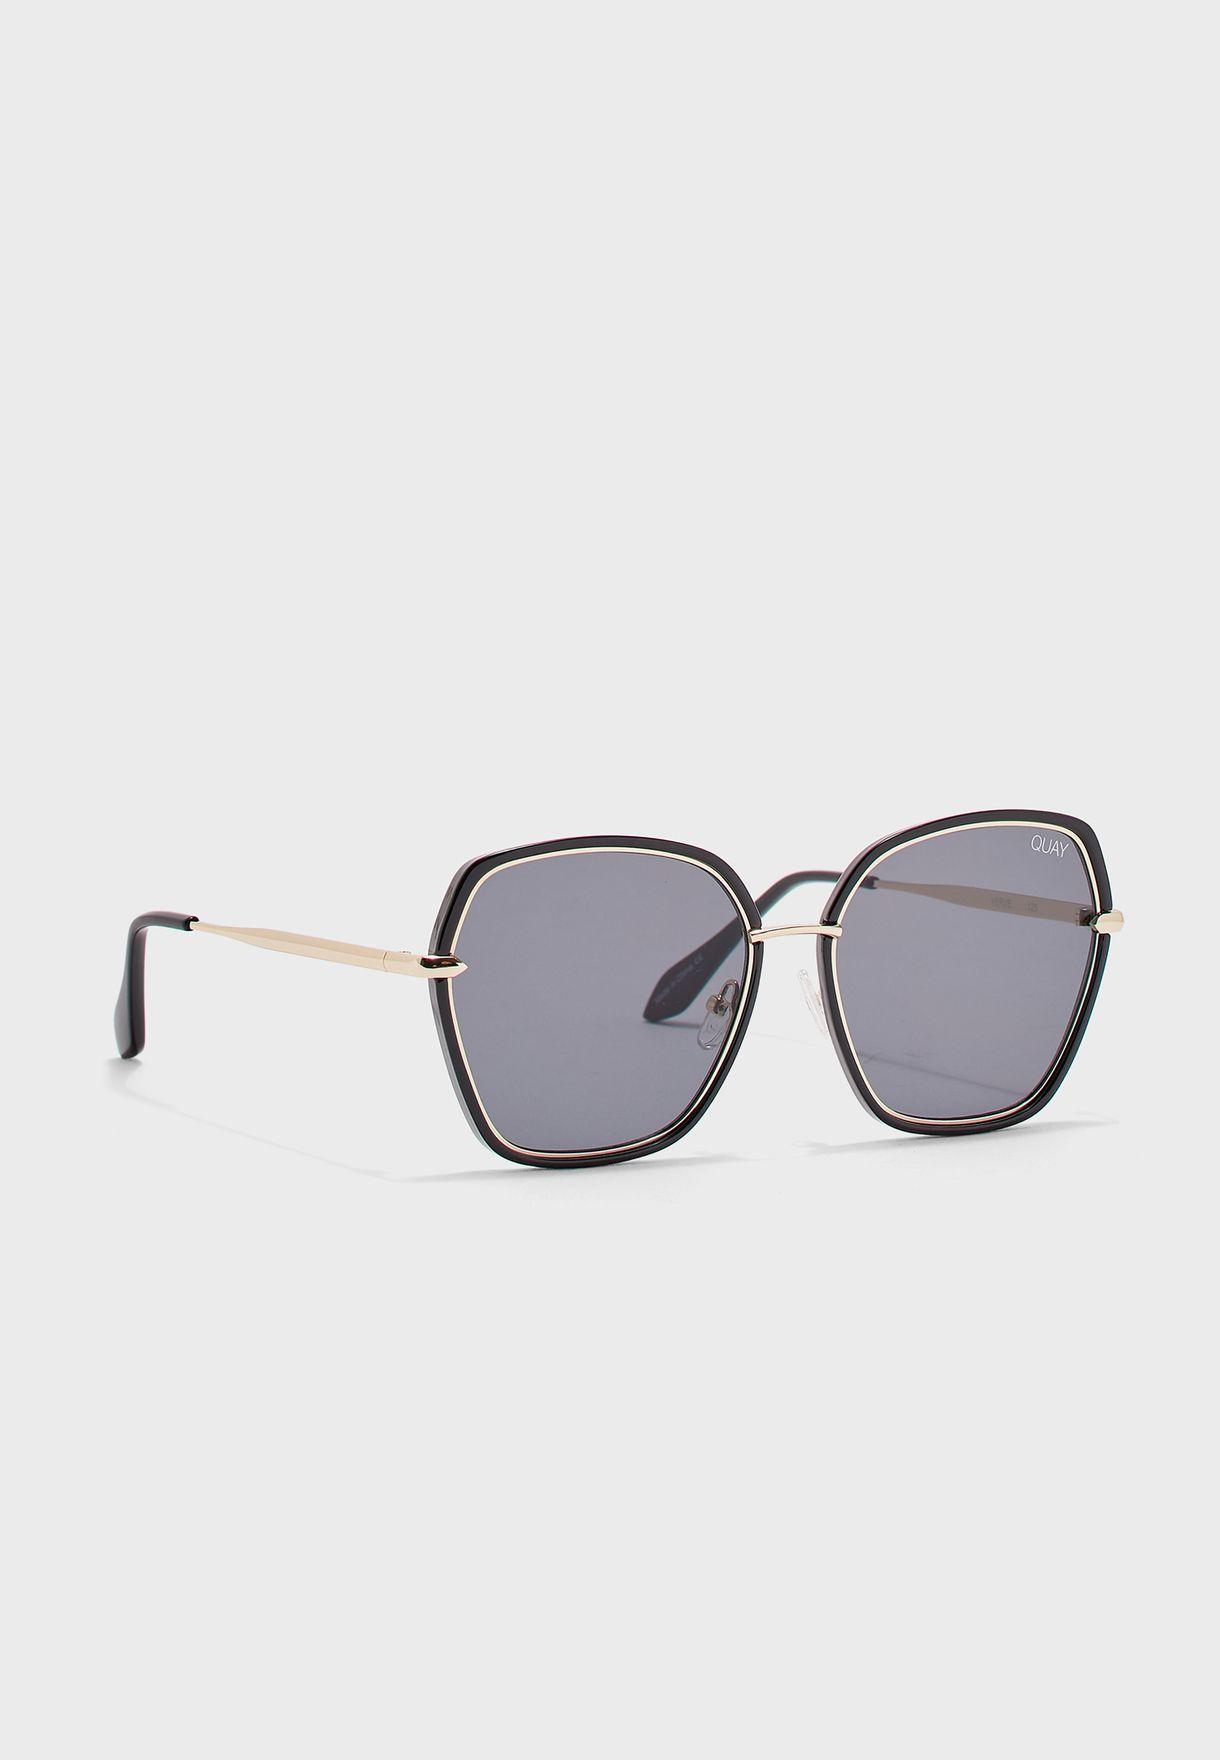 Verve Oversized Sunglasses